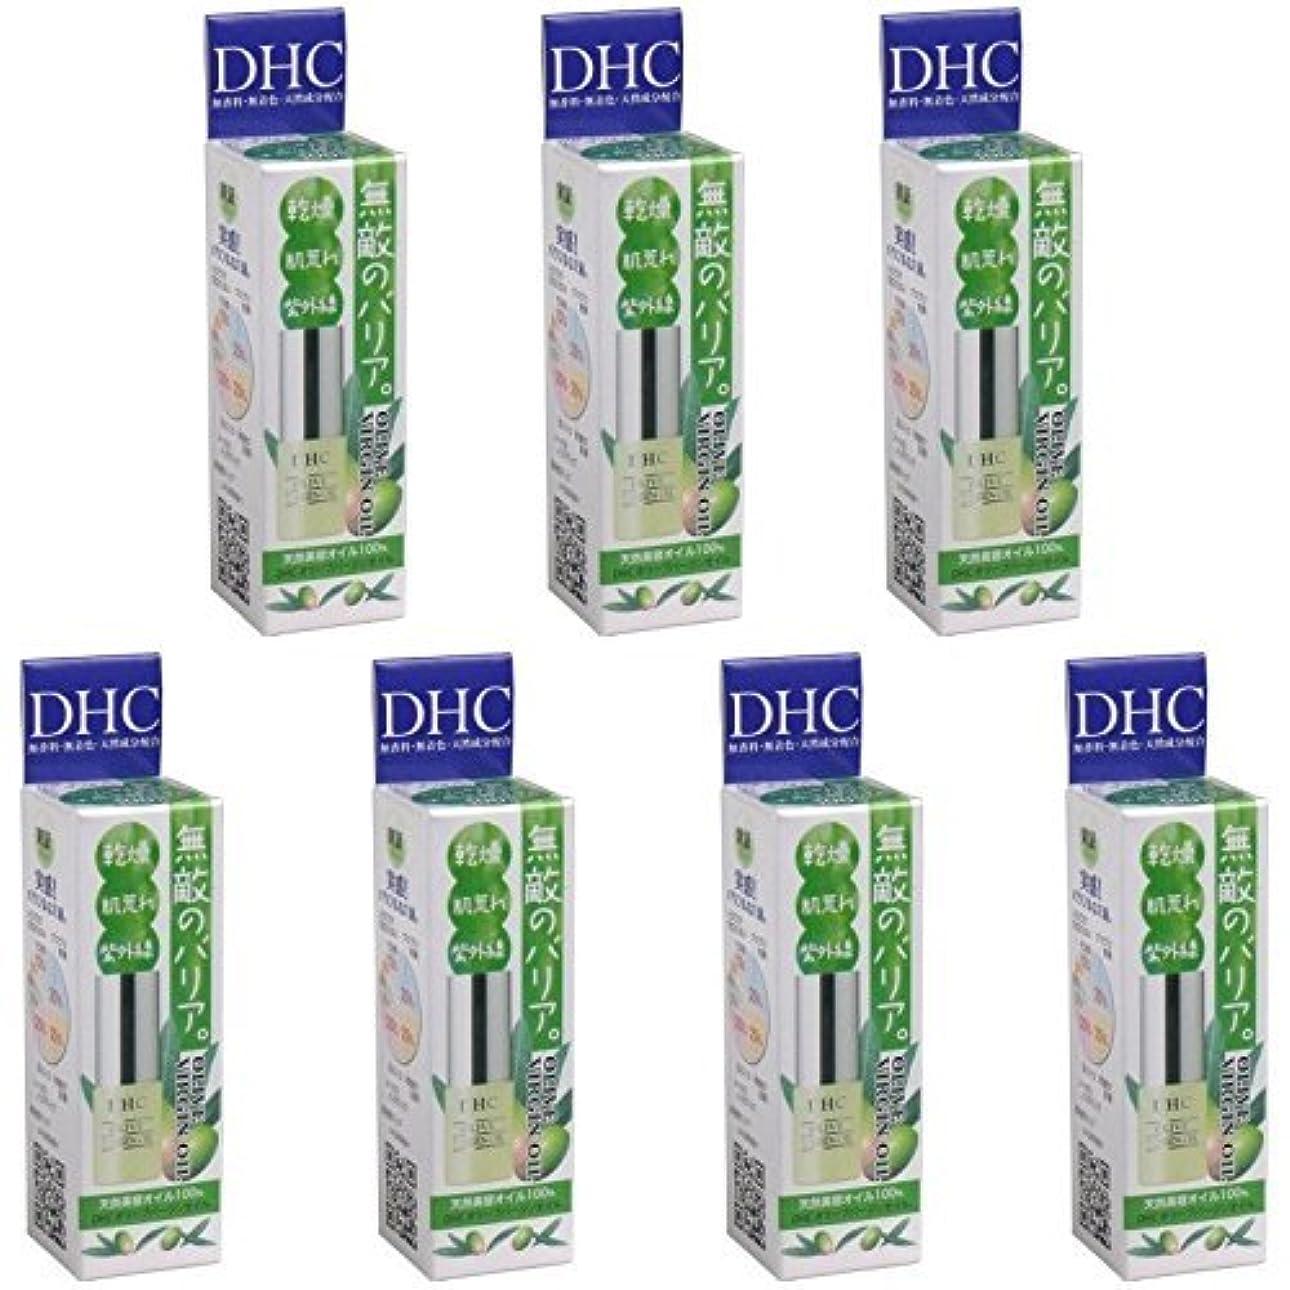 効果そのより多い【セット品】DHC オリーブバージンオイル (SS) 7mL 7個セット